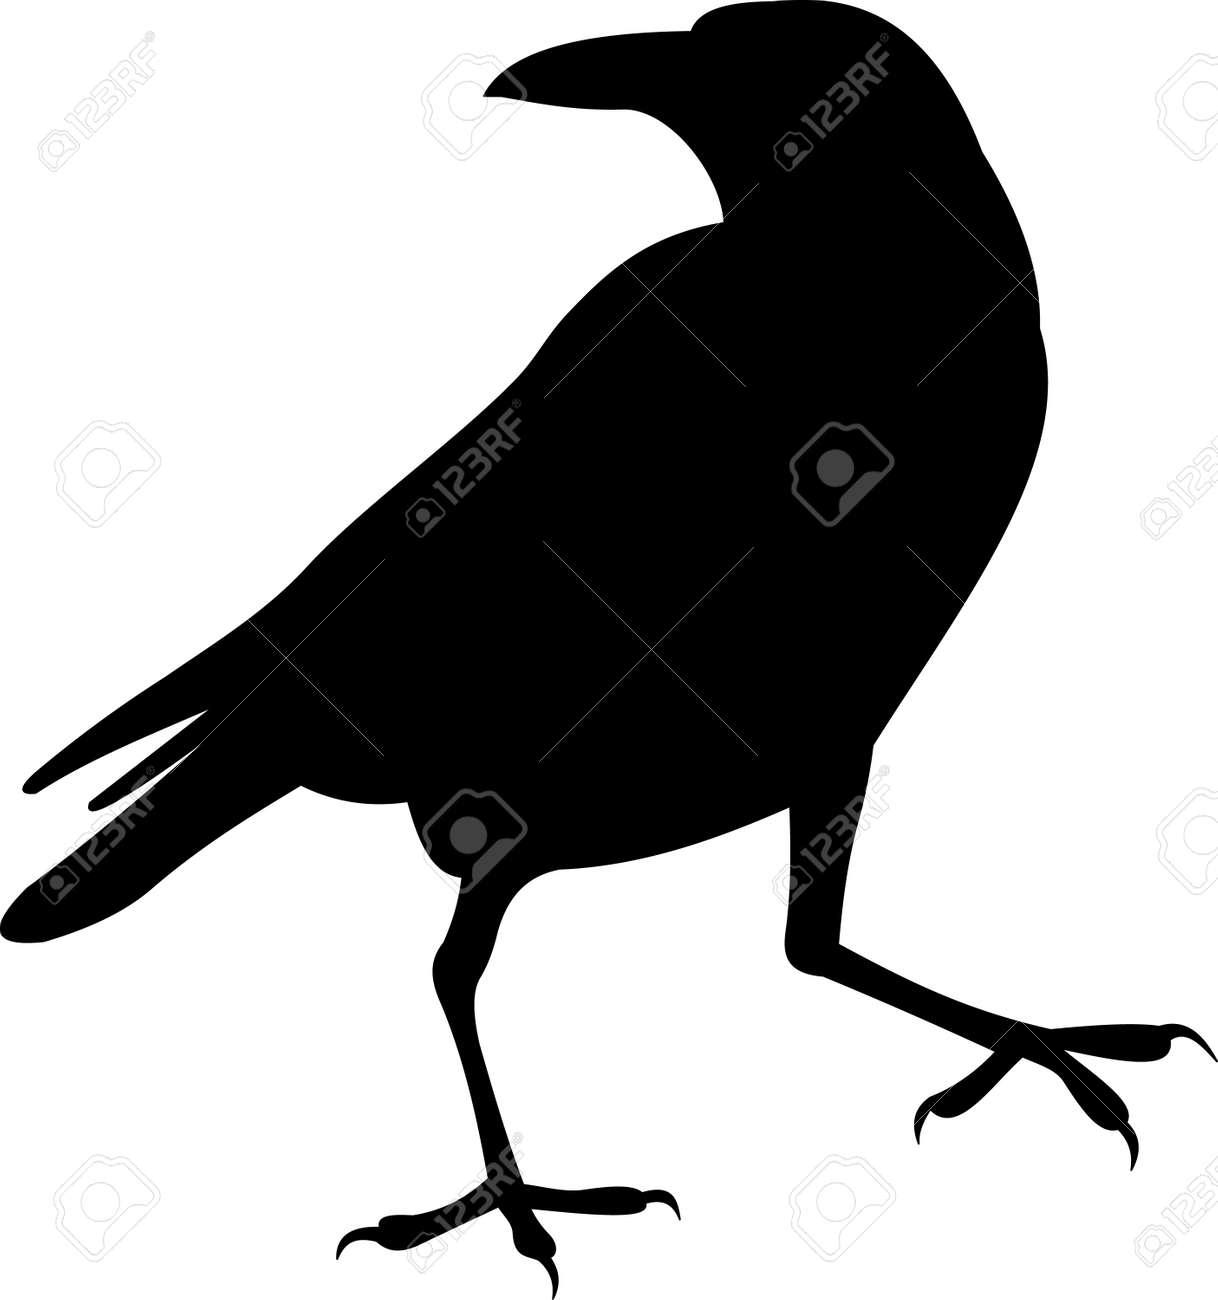 Raven clipart poe